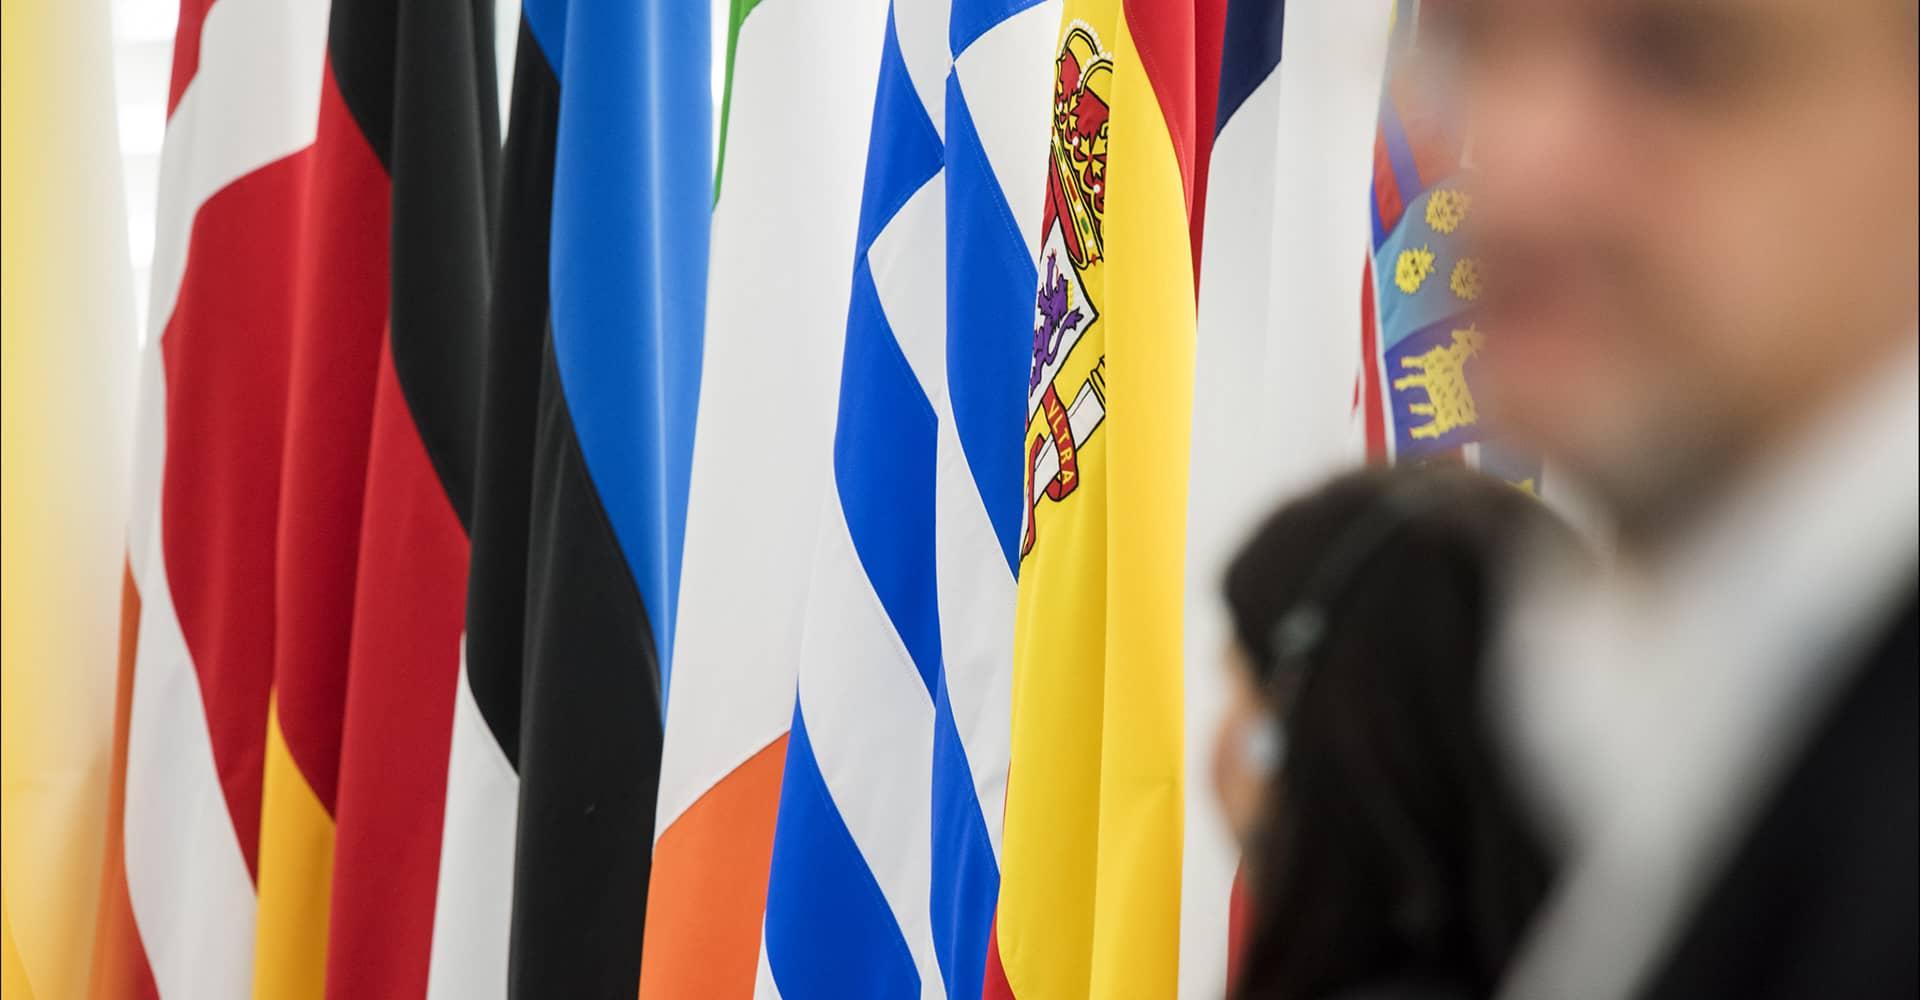 Знамена Европейски Държави